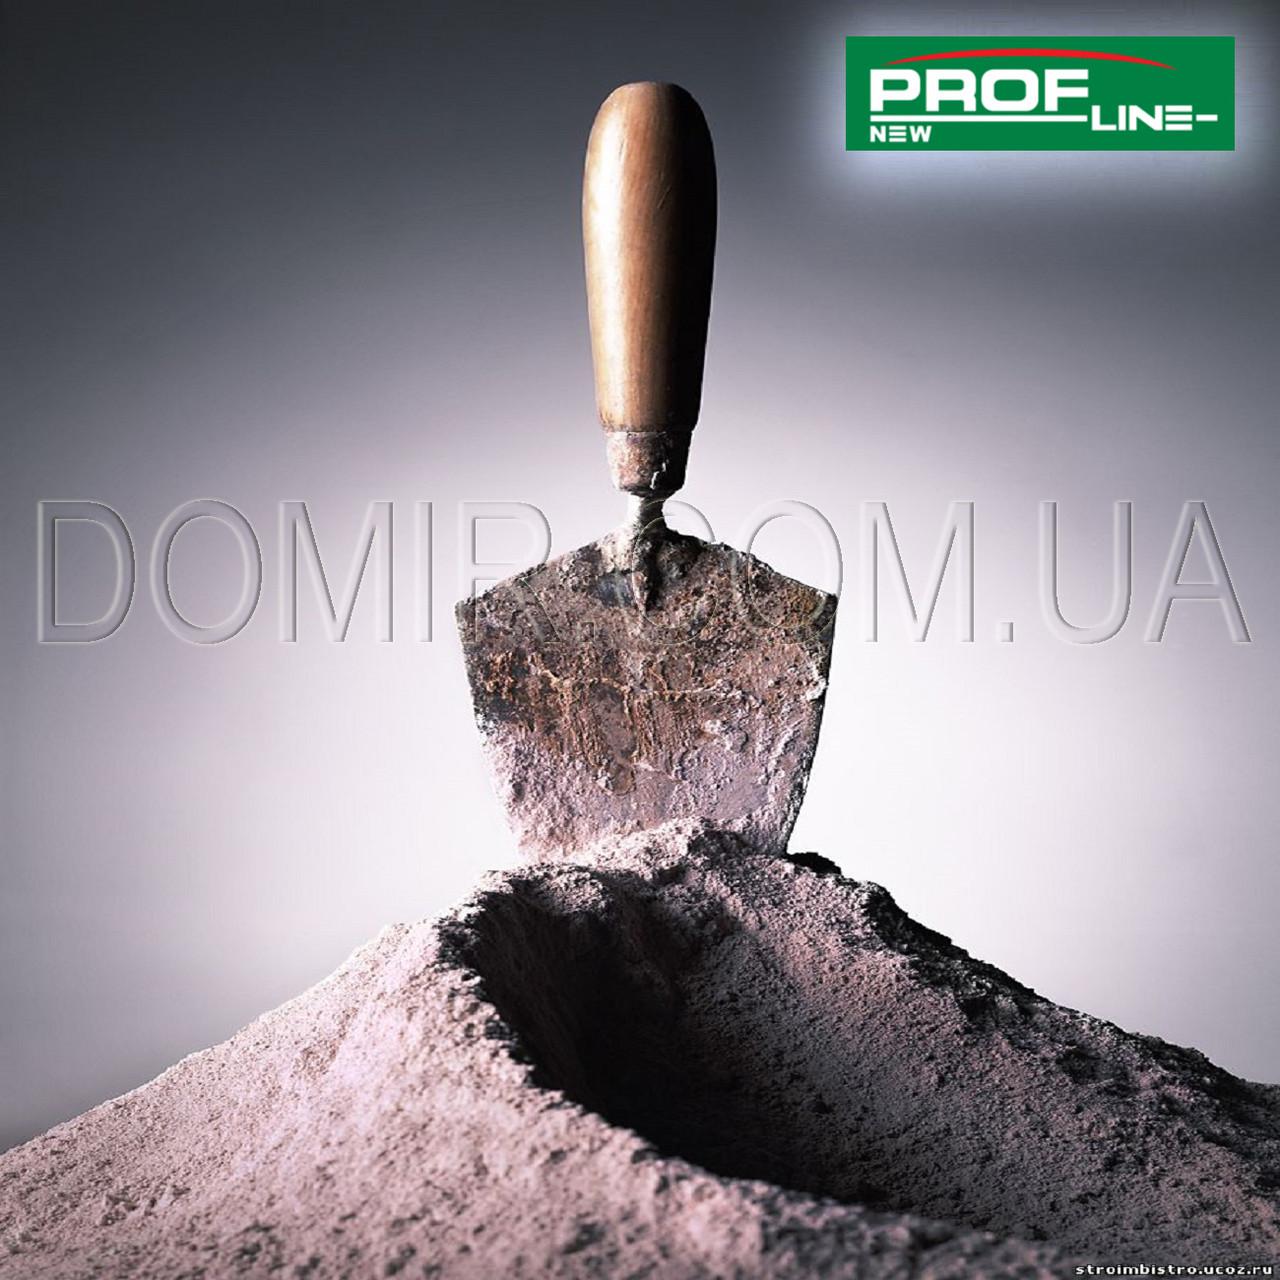 Сухие строительные смеси PROFLine